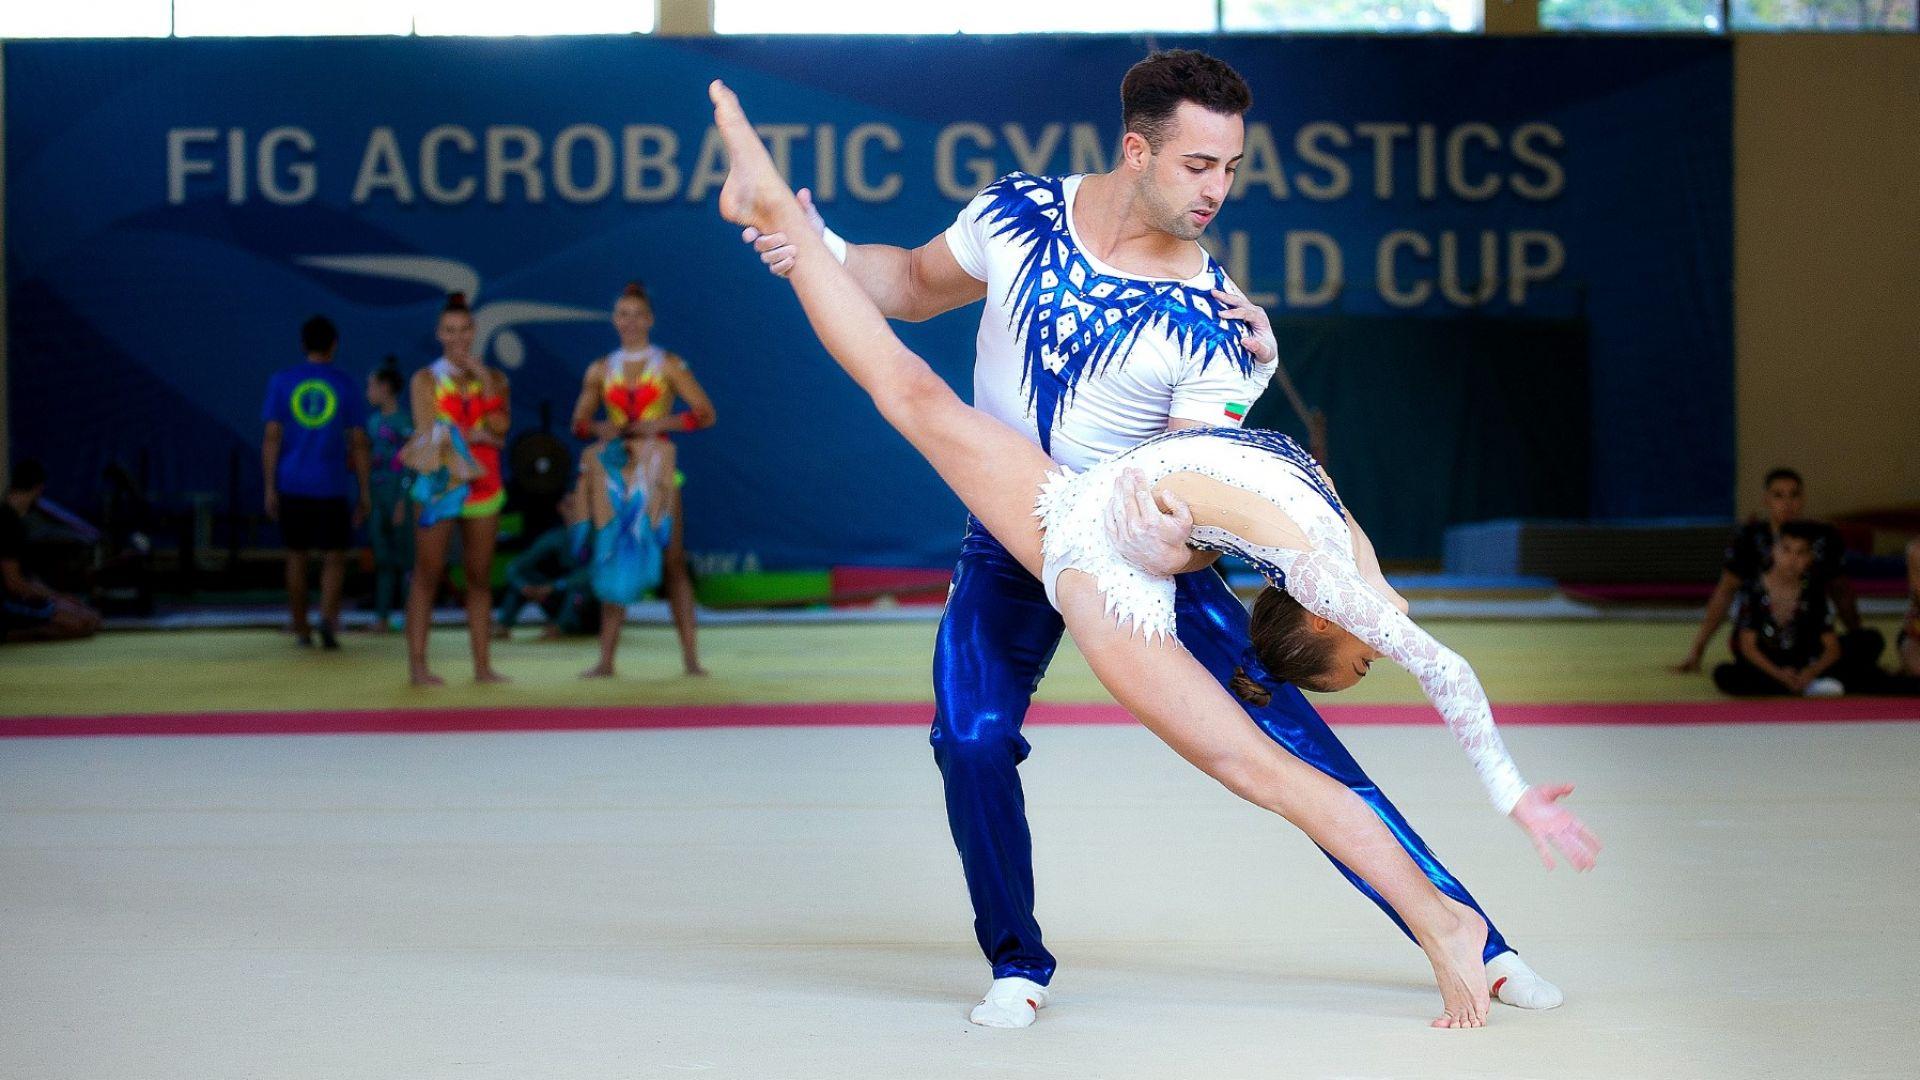 Световни и европейски шампиони идват на голямо състезание по акробатика в София